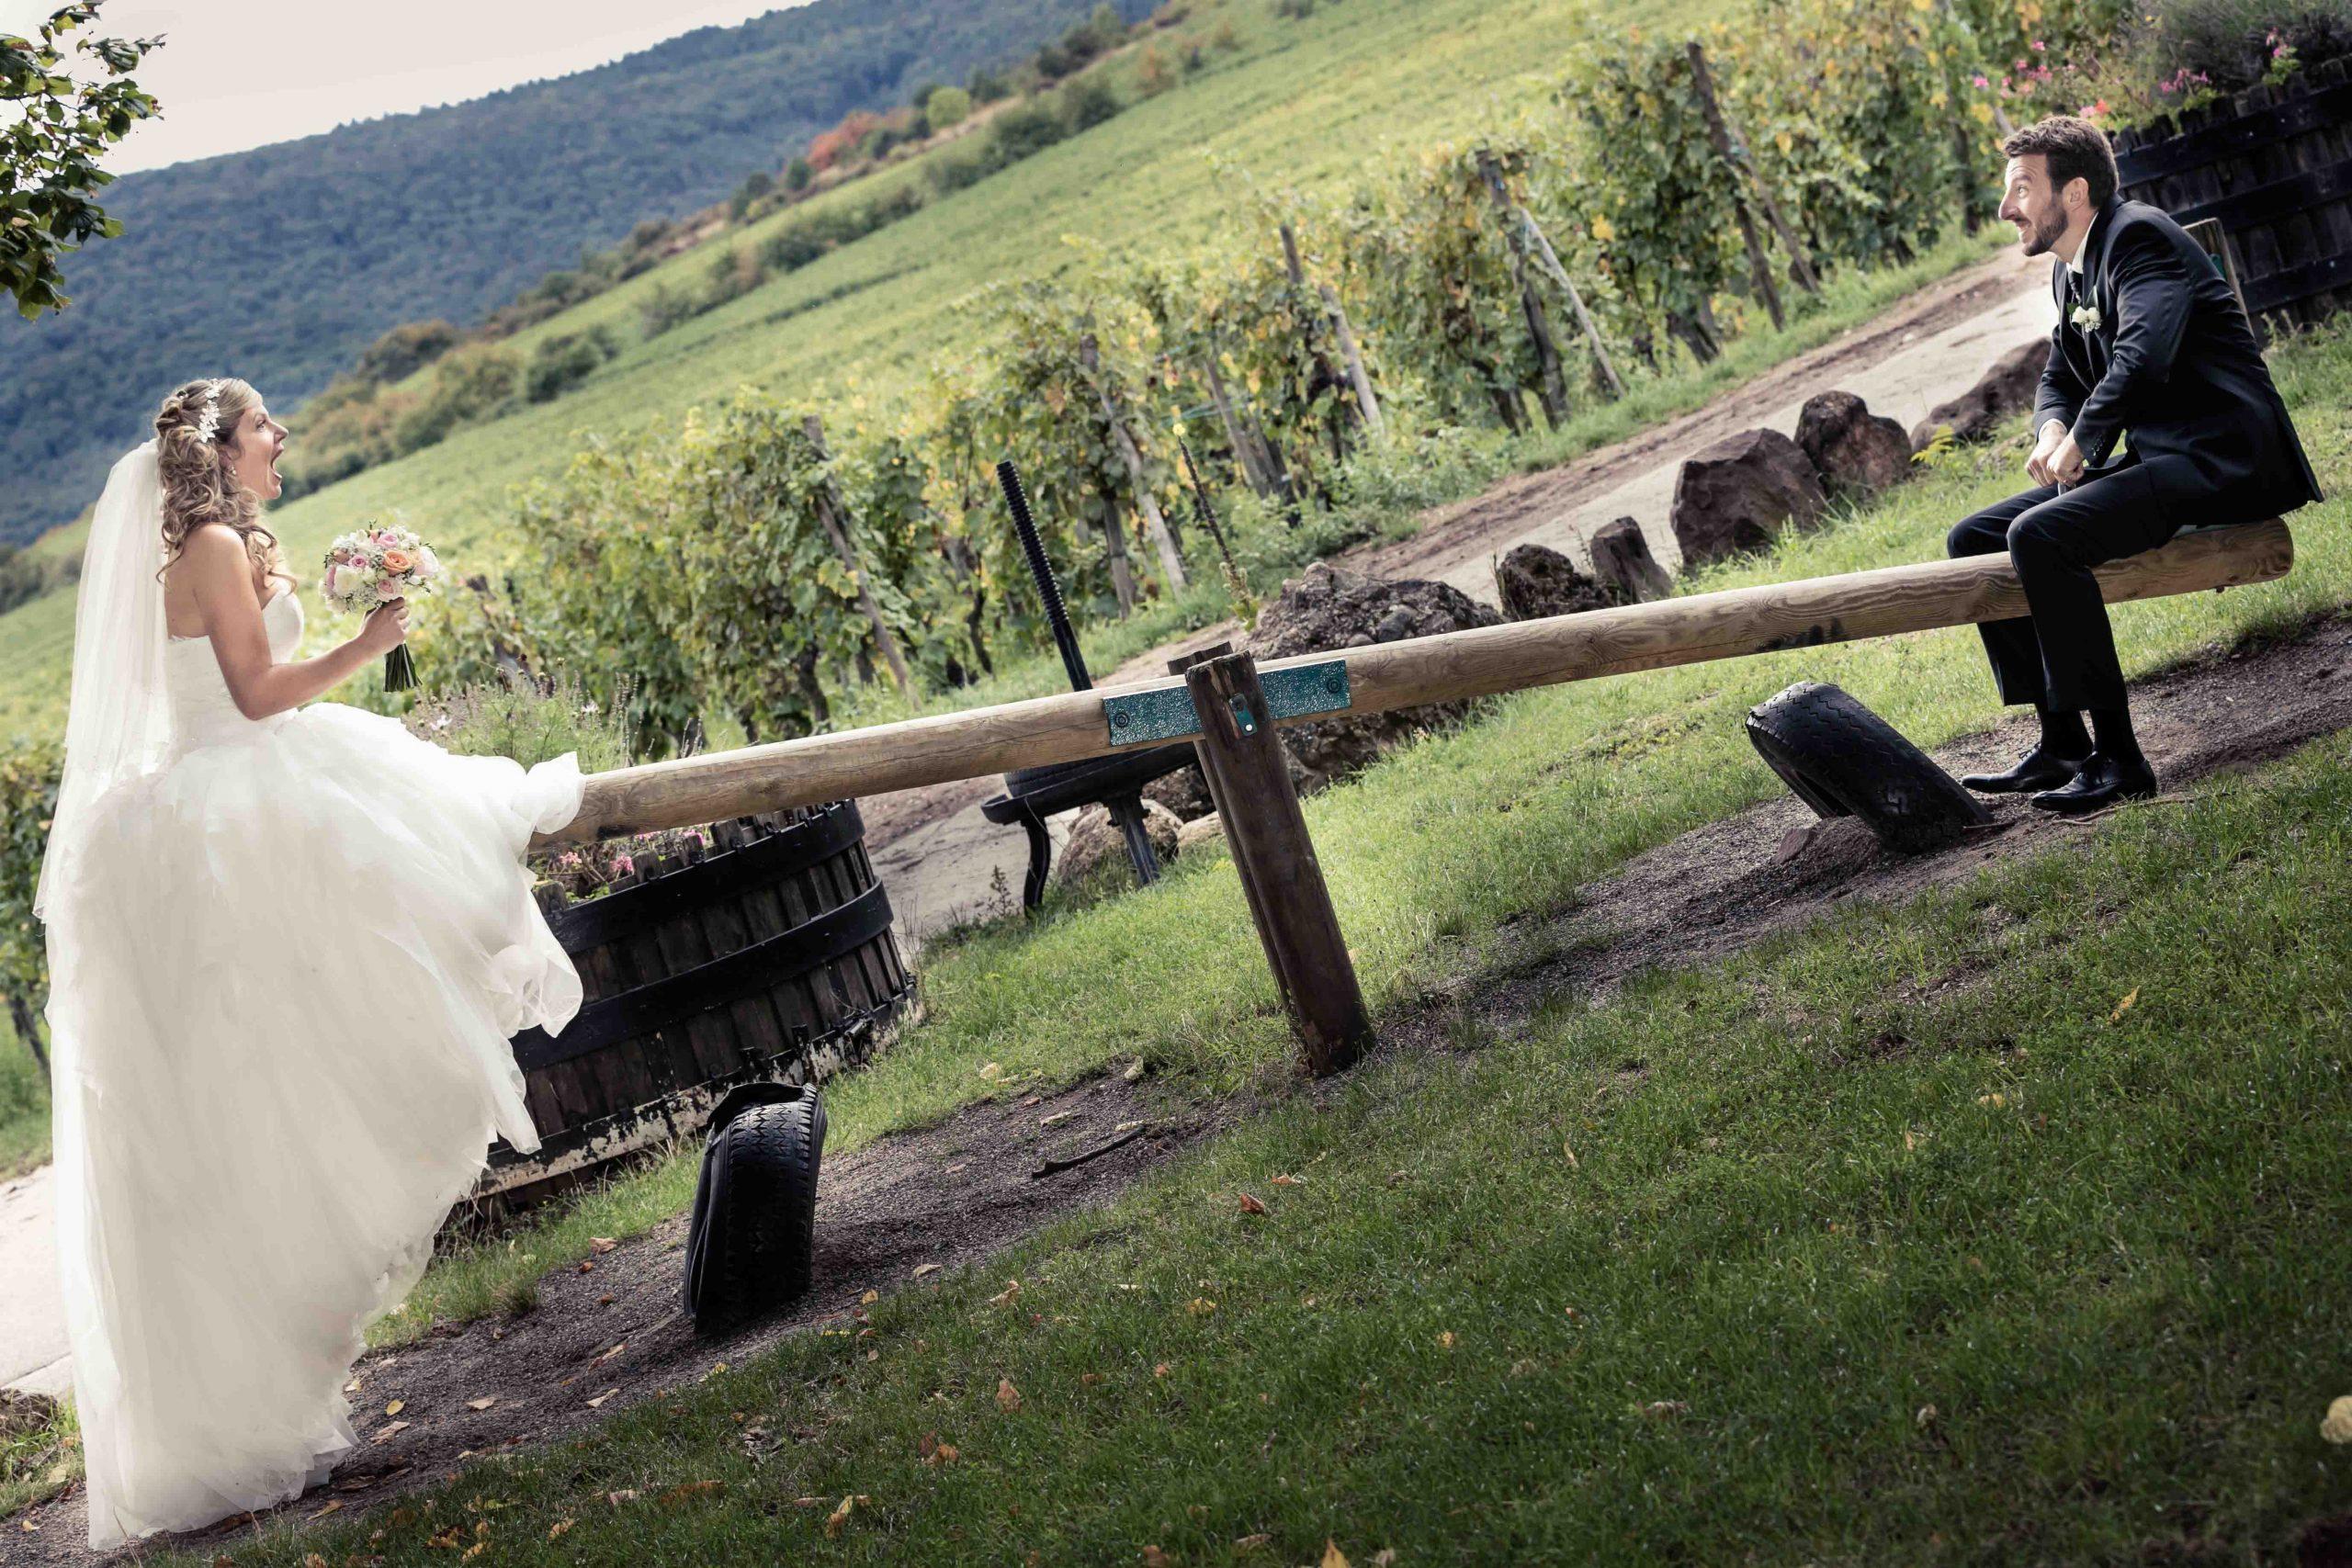 photos drôles dans un parc à jeux d'enfants pendant la séance photo des mariés